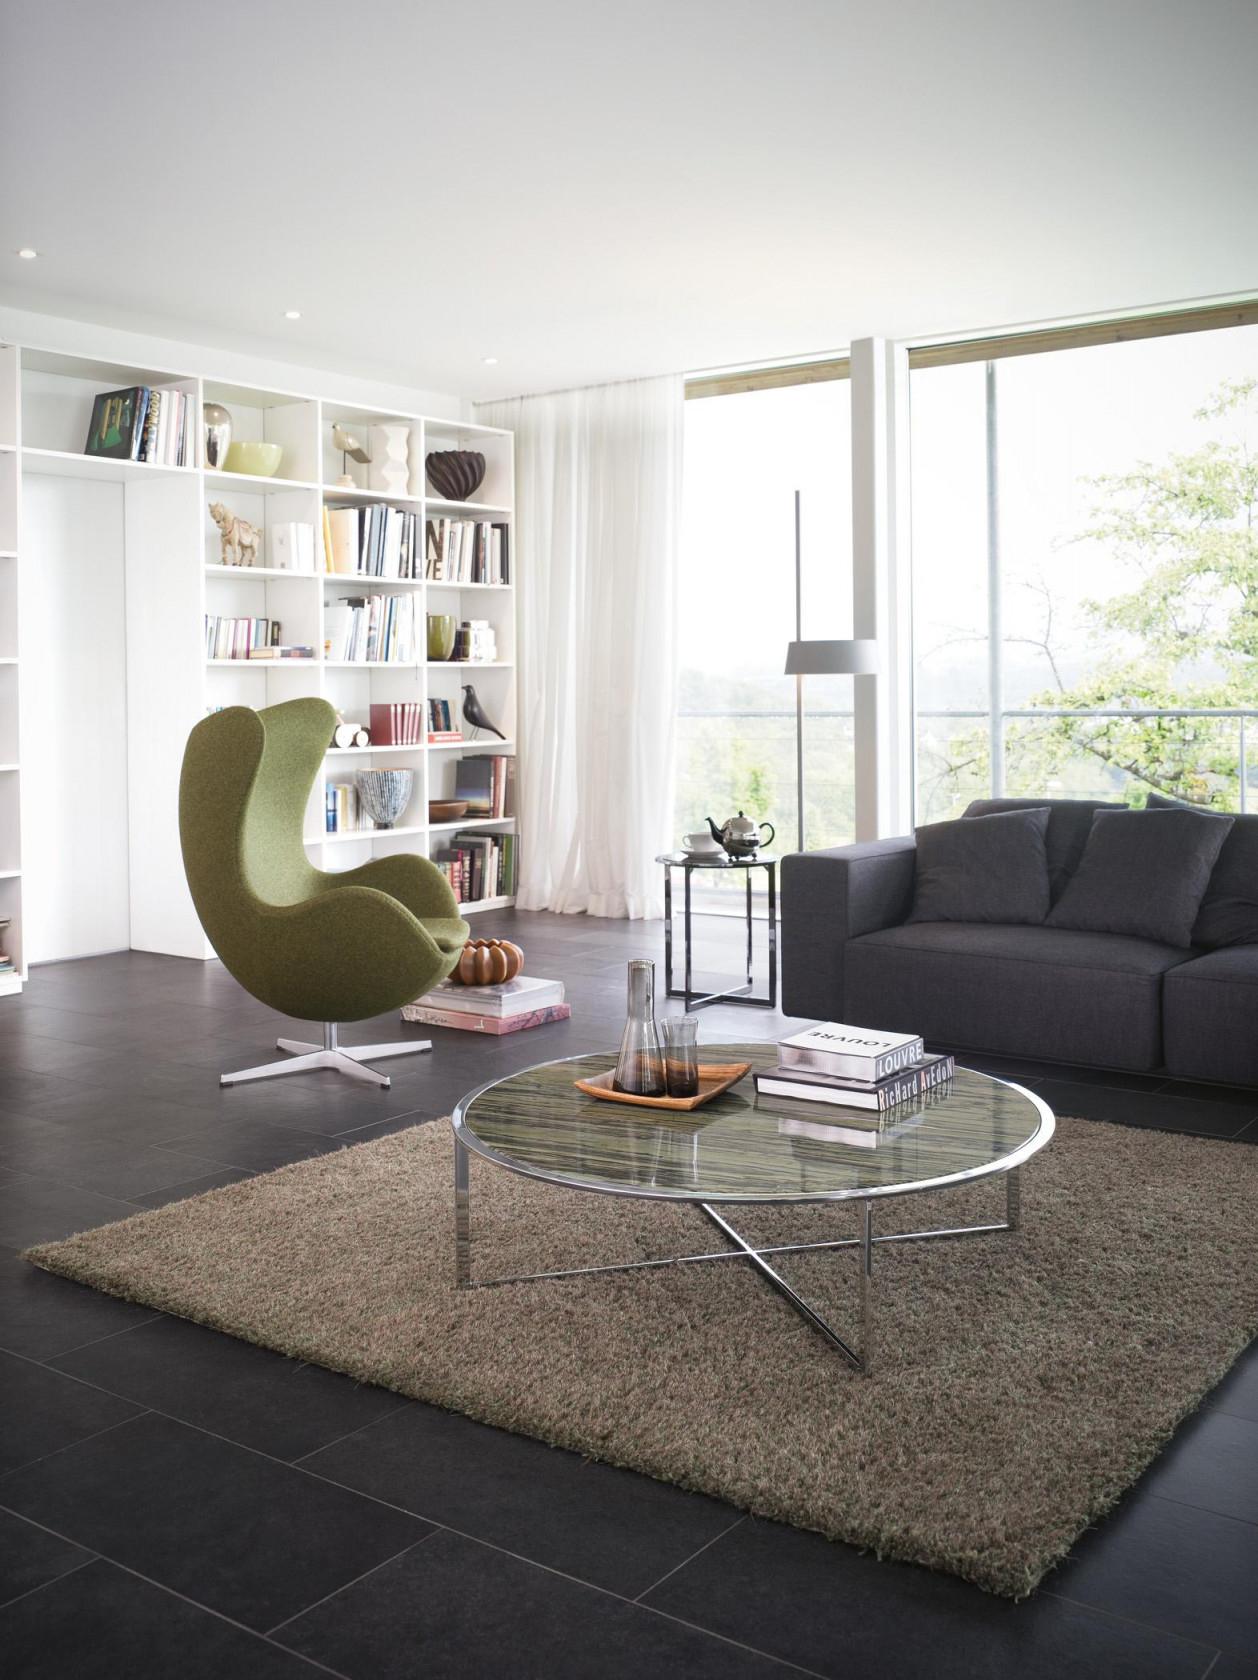 Moderne Wohnzimmer Ideen Schlicht Aber Individuell von Modernes Wohnzimmer Einrichten Photo